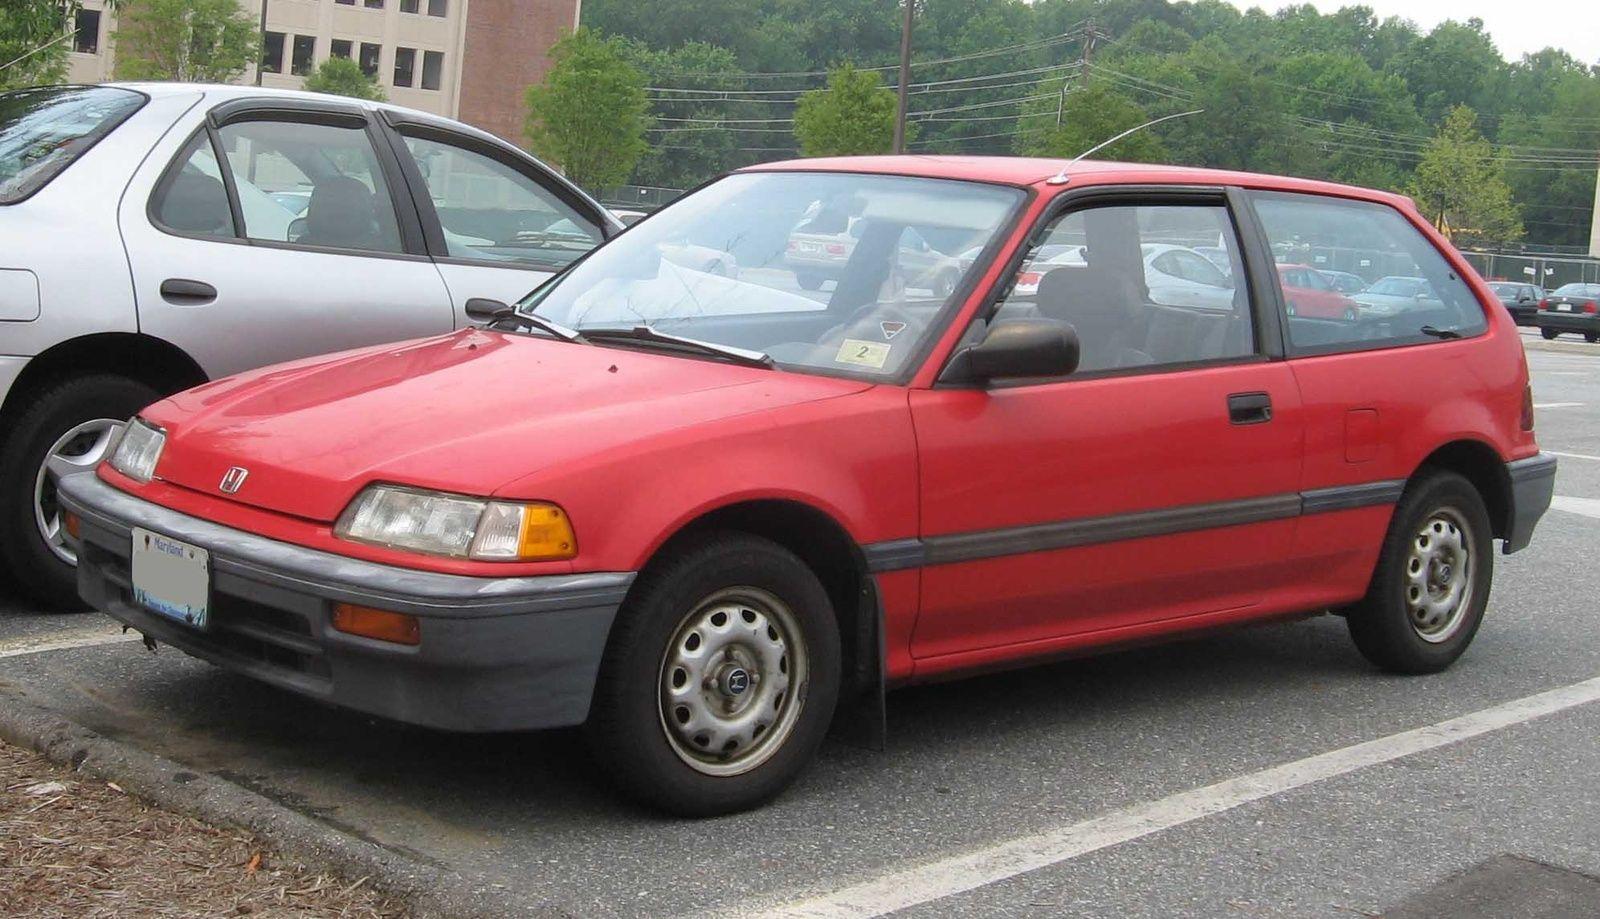 1991 Honda Civic Pictures Cargurus Honda Civic Dx Honda Civic Hatchback Honda